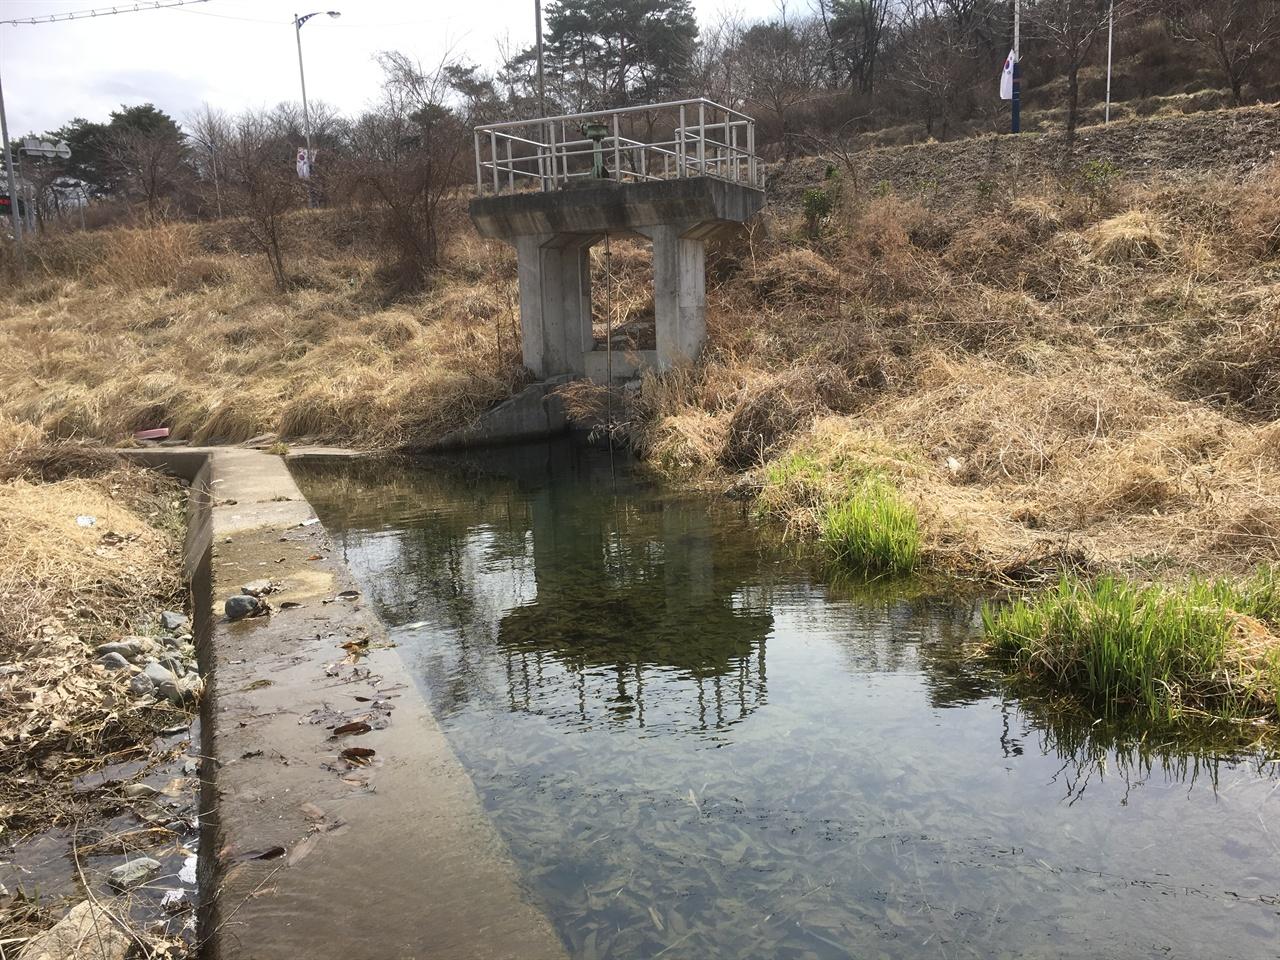 둑에 뚫린 보의 배출수문 이러한 배출수문은 농사철 물이 필요할 때에만 열어서 농토로 물길을 돌린다.